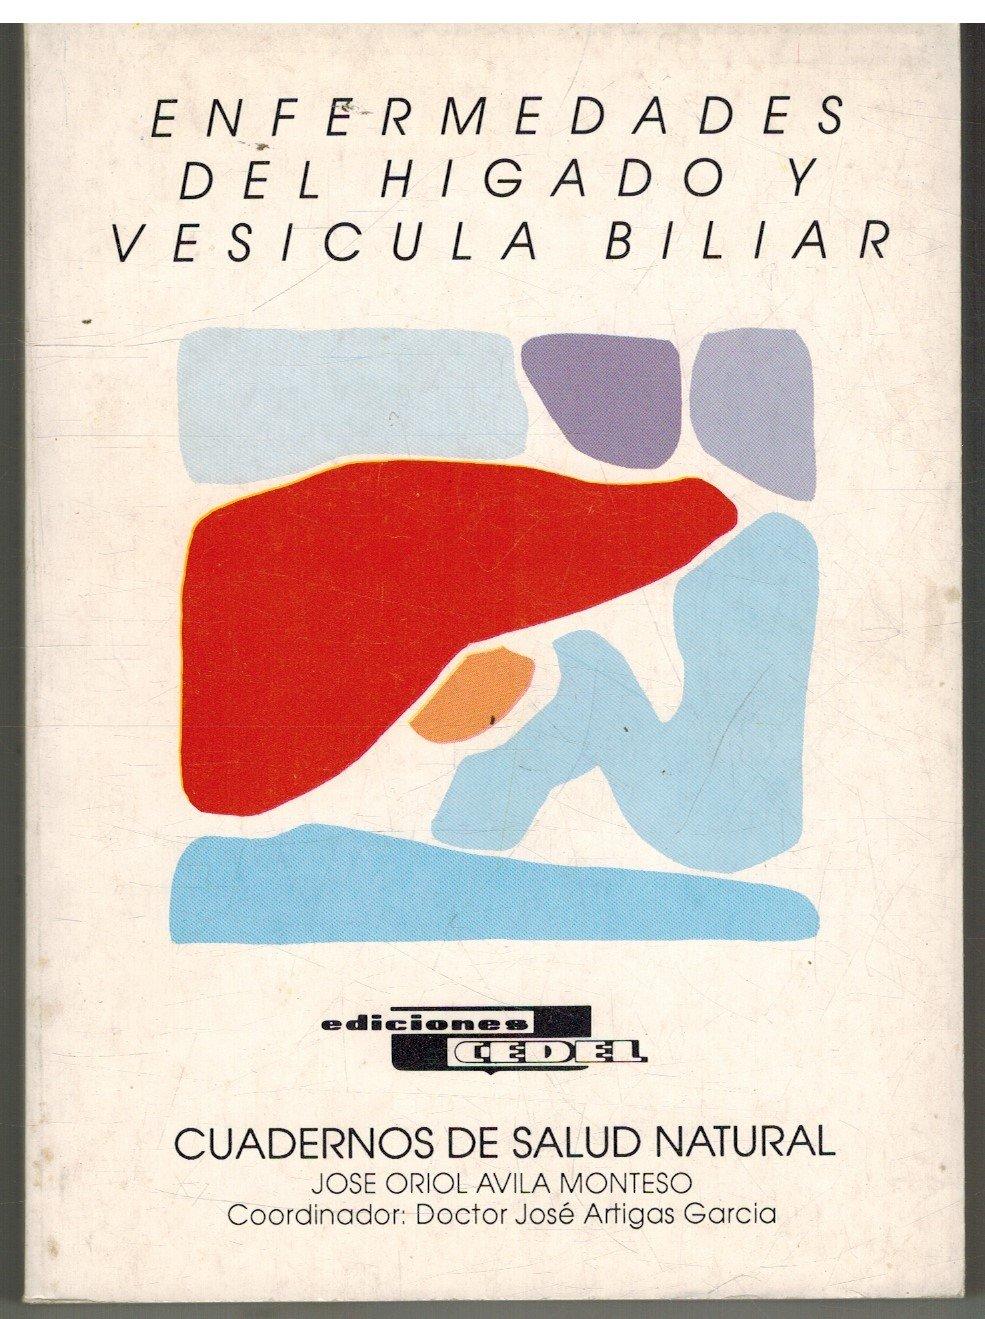 Enfermedades Del Higado Y Vesicula Biliar: Amazon.es: Jose Orio ...